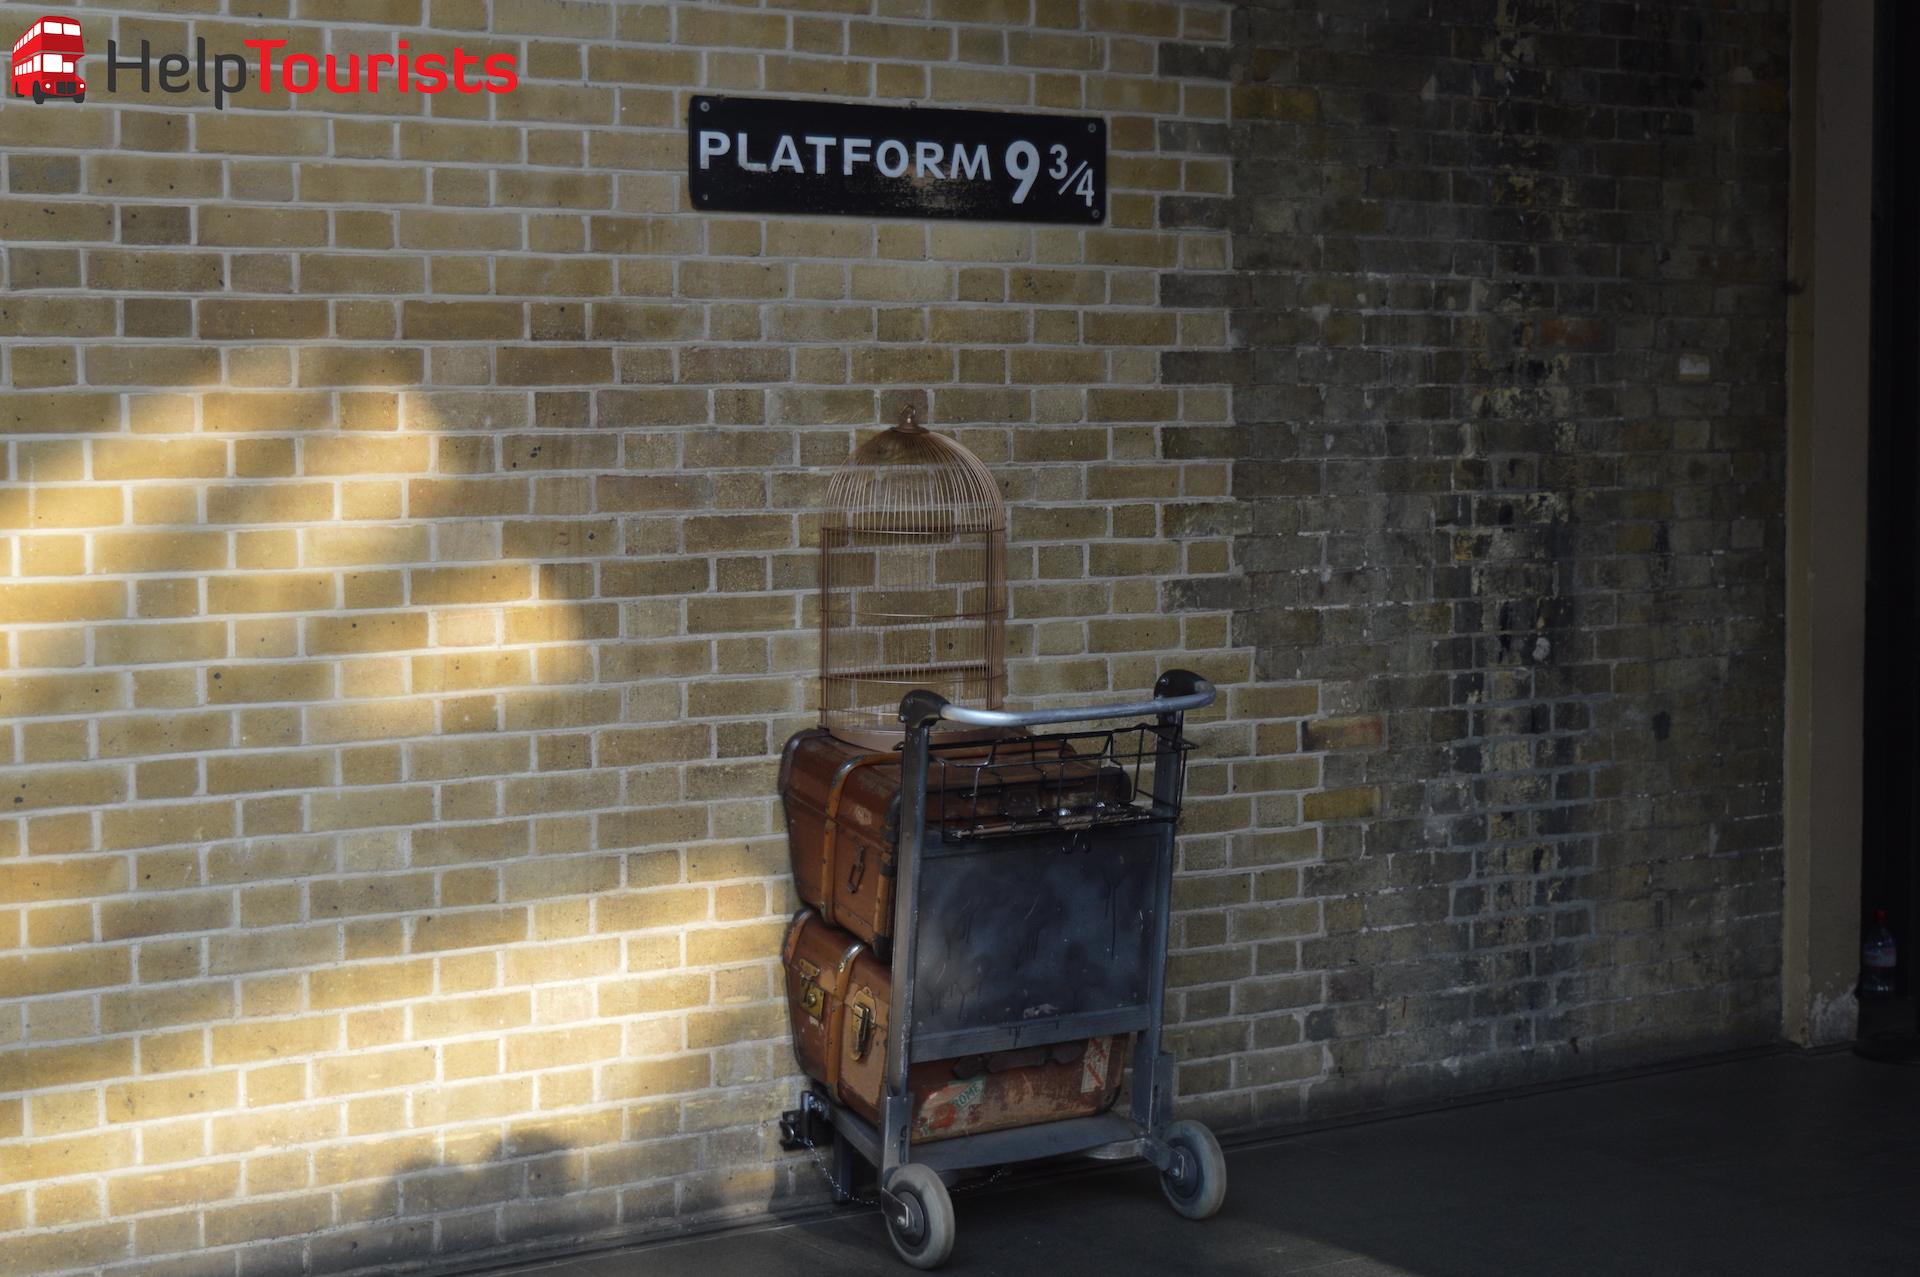 Harry Potter London Gleis 9 3:4 Bahnhof King's Cross